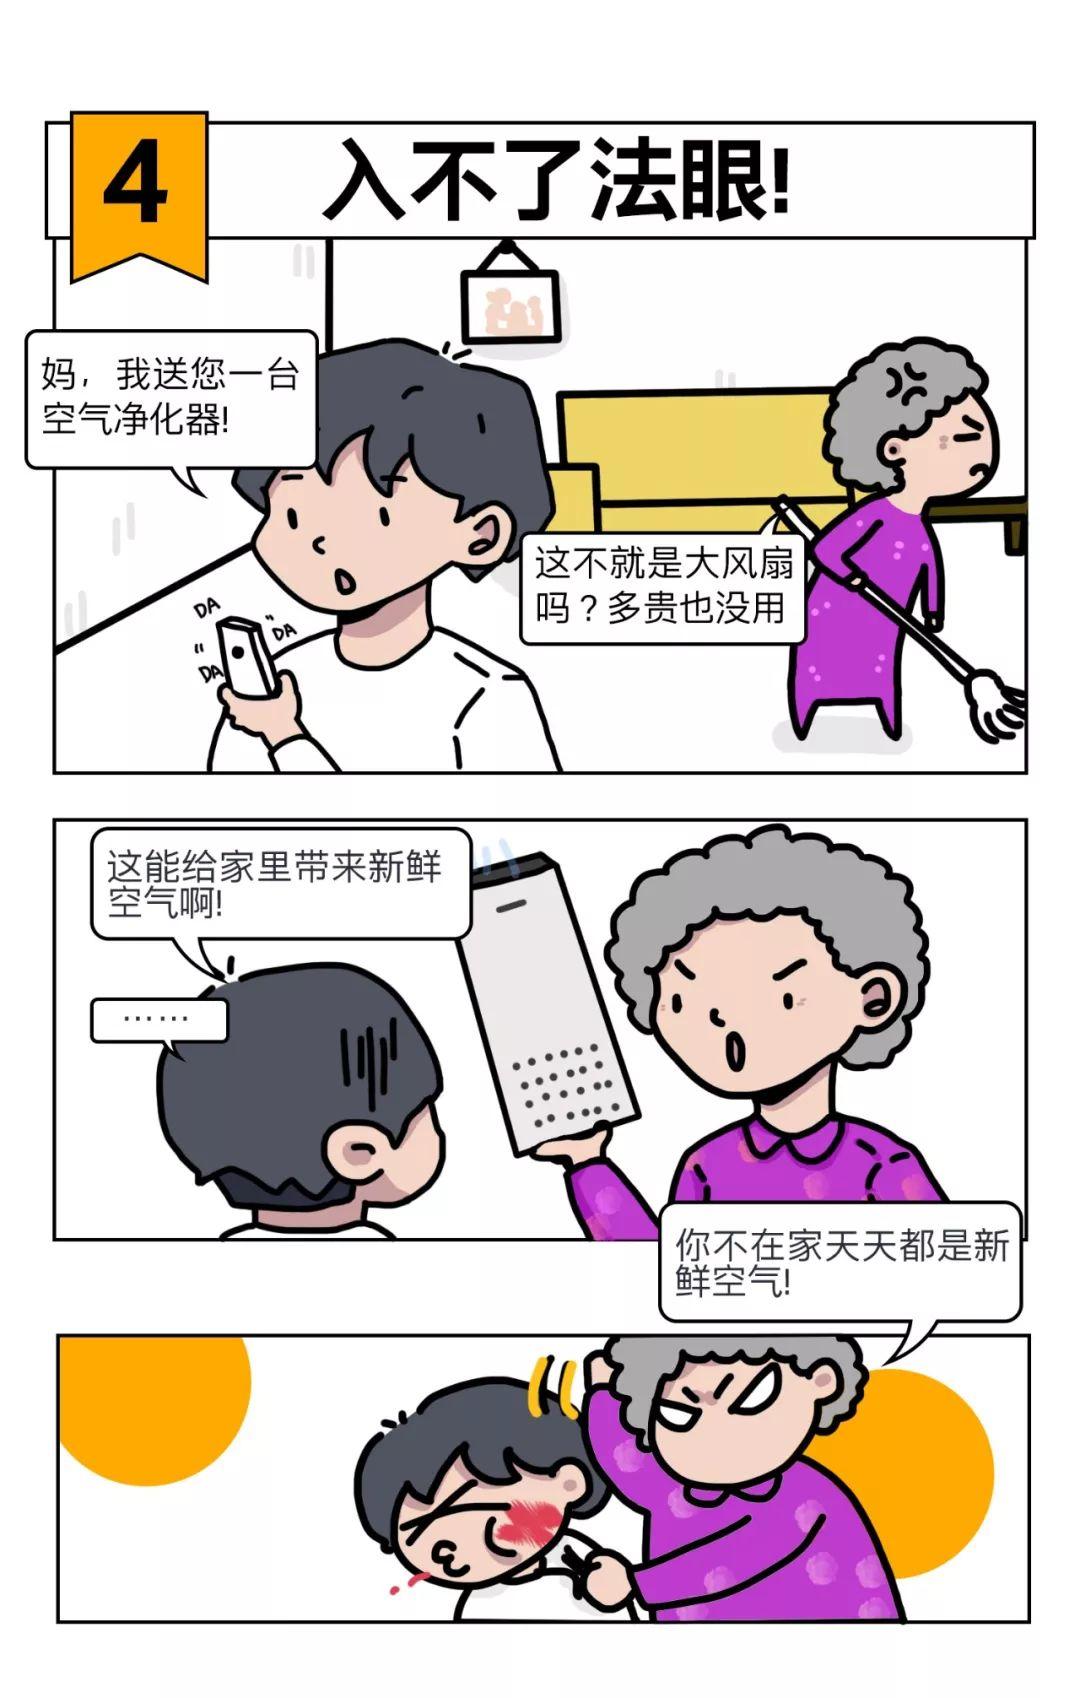 在深圳,给父母送个礼物实在是太太太难了